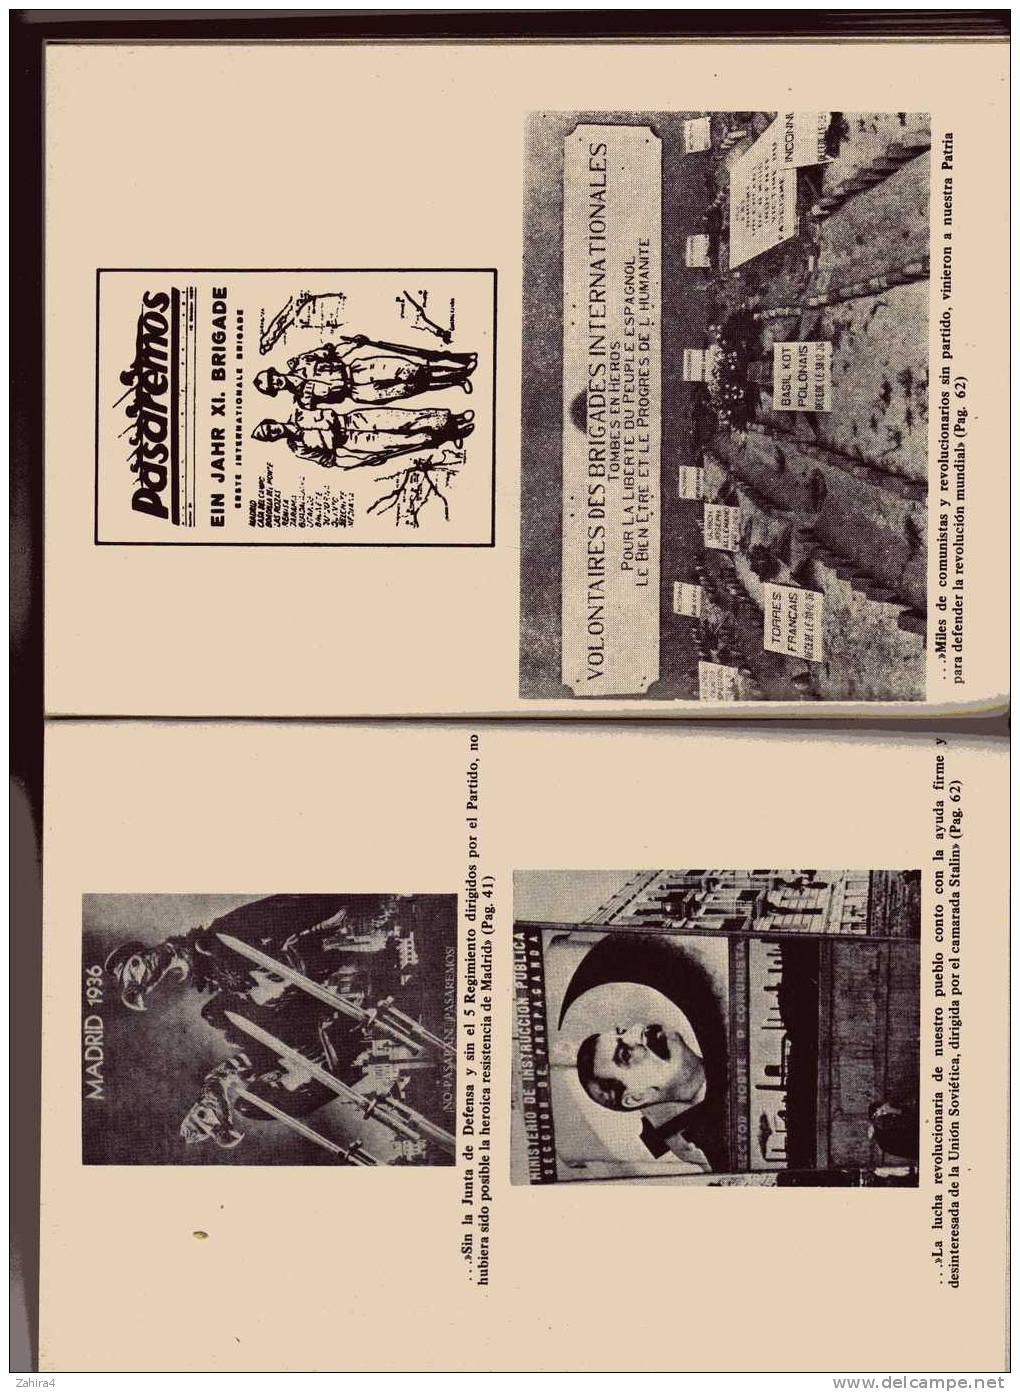 La Guerra Nacional Revolucionaria Del Pueblo Espanol Contra El Fascismo - Analisis Critico -36-39 - Histoire Et Art